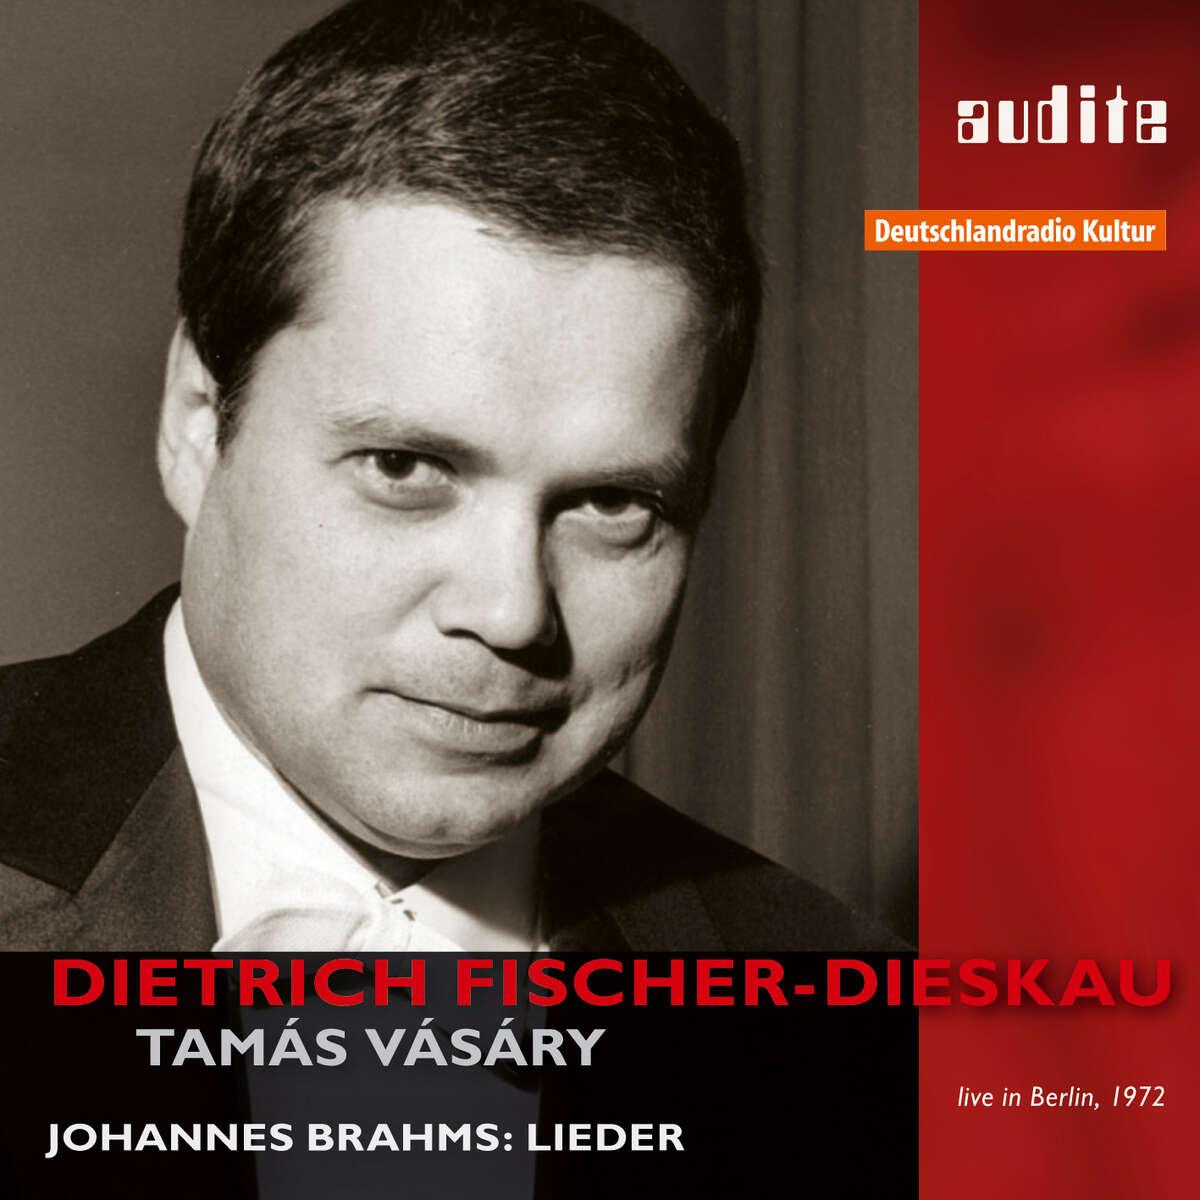 Dietrich Fischer-Dieskau sings Brahms | Tomás Vásáry, piano